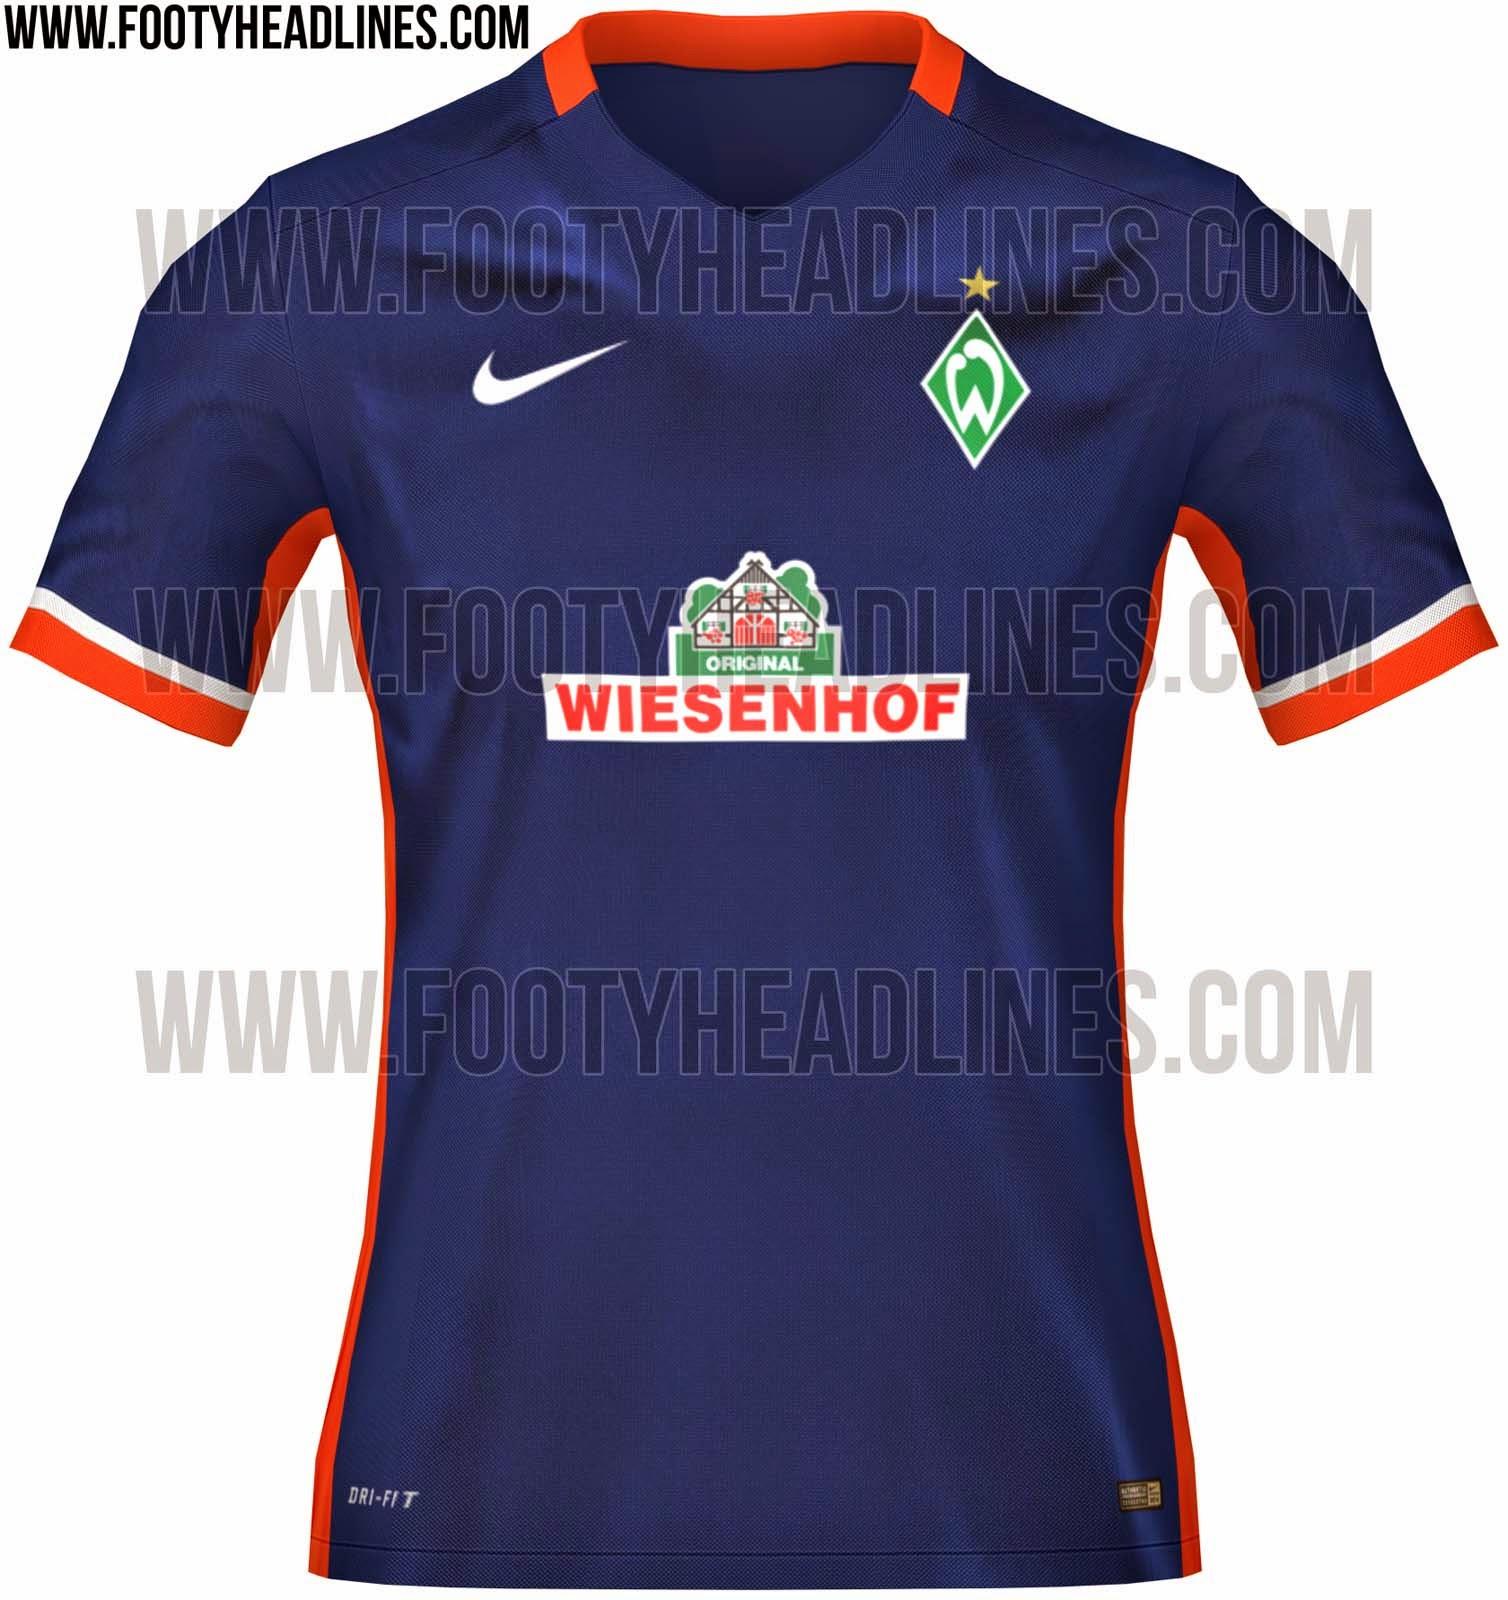 00eeffe79e O Werder Bremen confirmou na última semana como será sua camisa de mandante  para próxima temporada. O modelo reserva ainda não foi divulgado